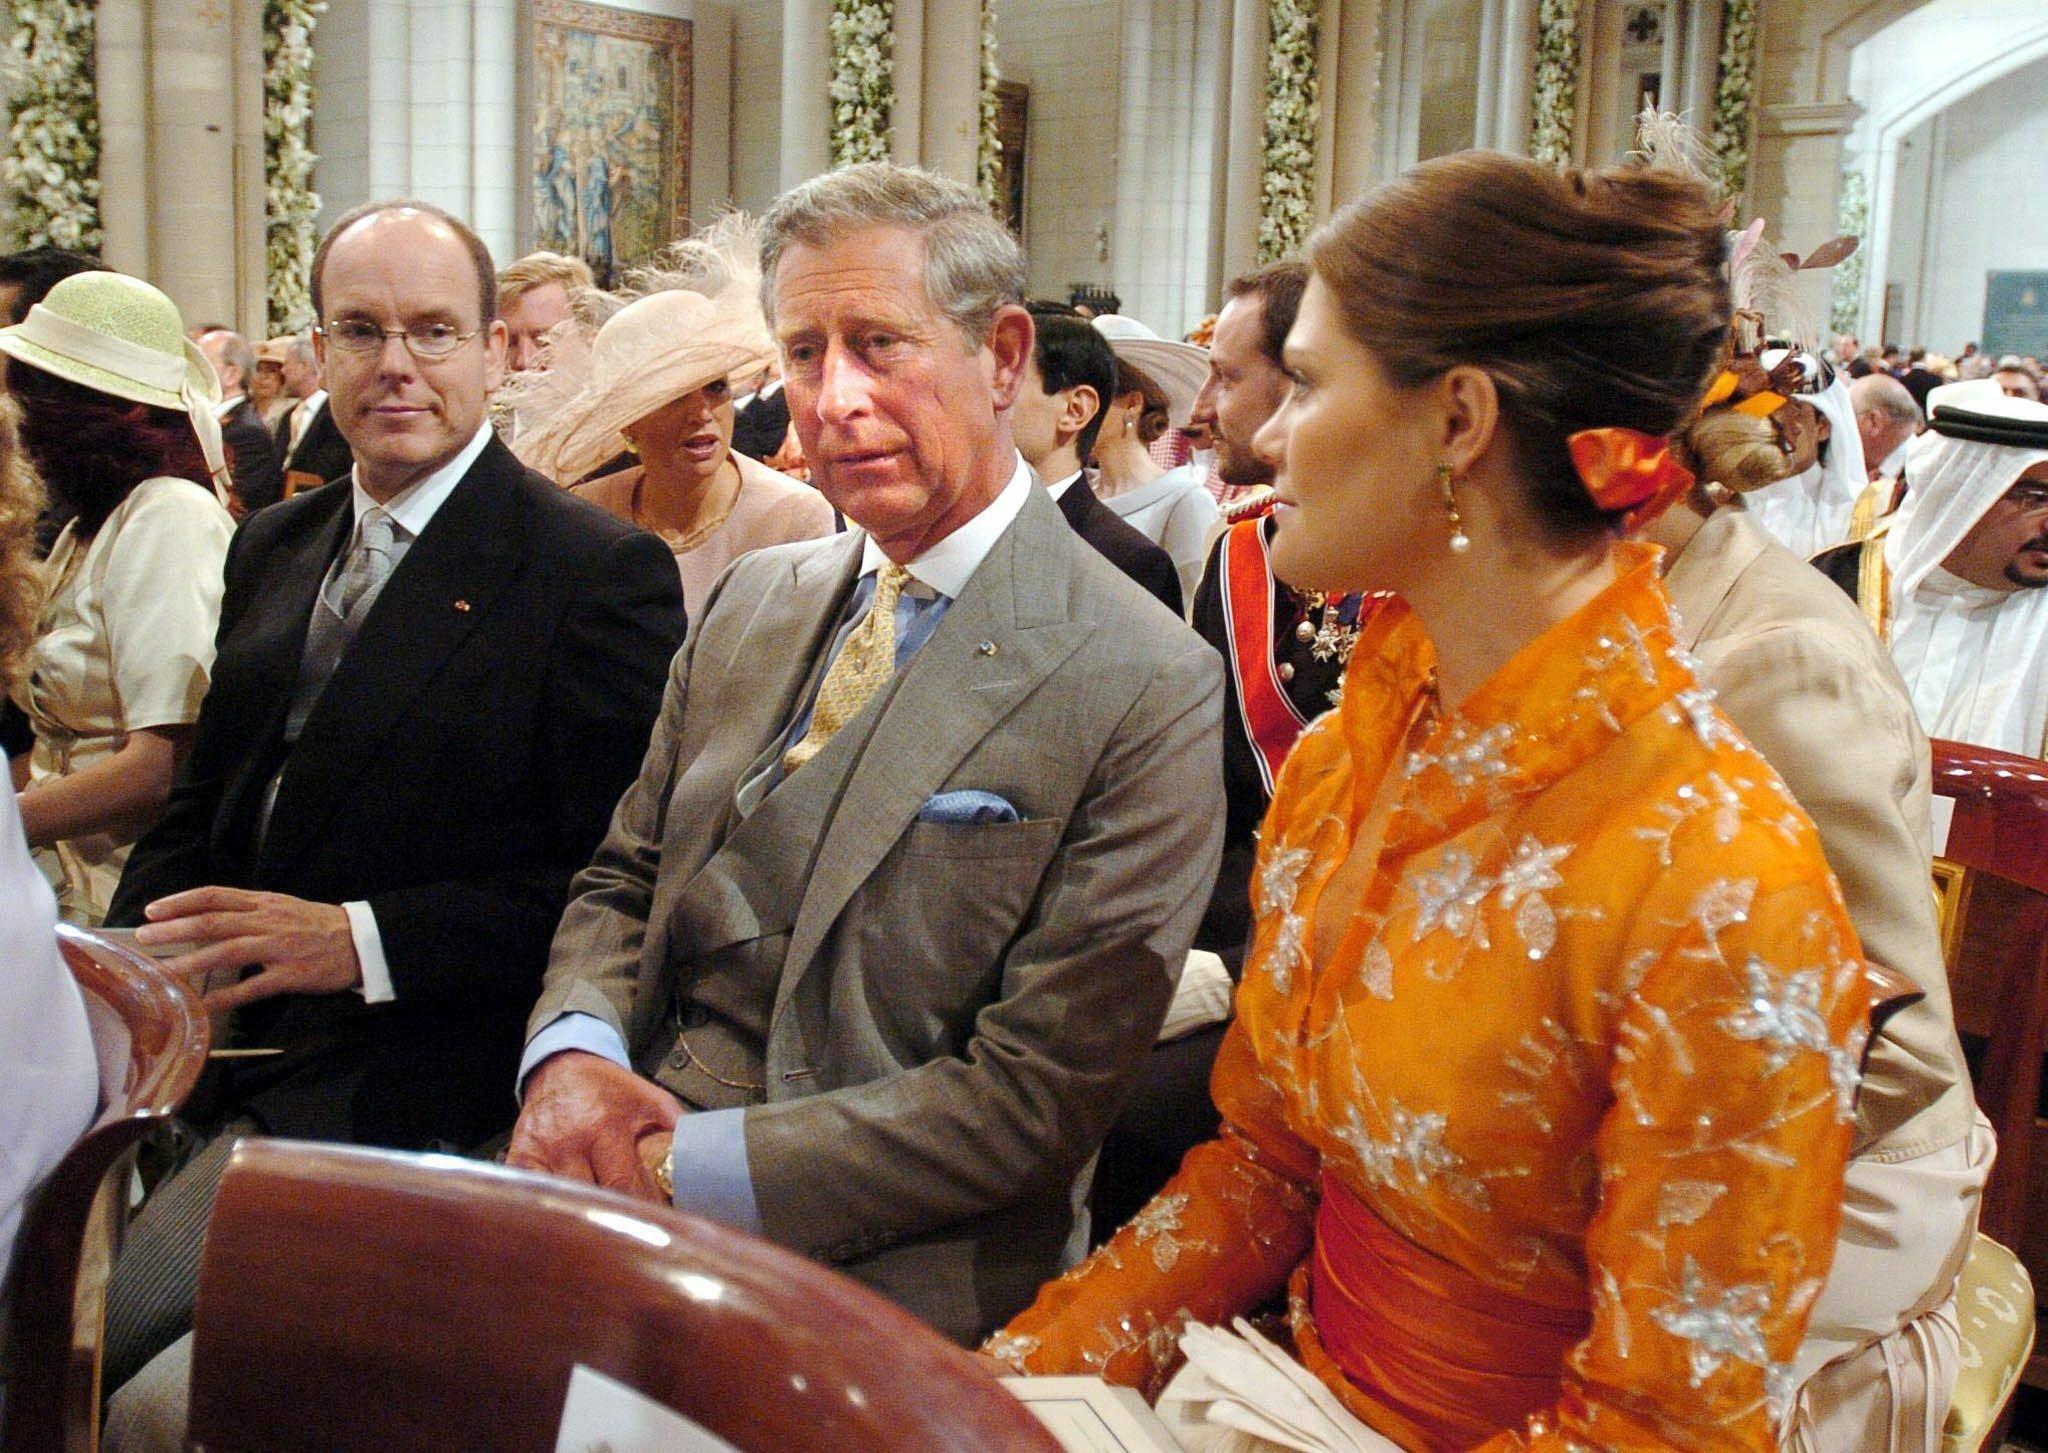 Fürst Albert, Prinz Charles und Kronprinzessin Victoria besuchen die Hochzeit von König Felipe und Königin Letizia im Jahr 2004. Damals waren alle drei unverheiratet um kamen daher ohne Partner.  © epa-Bildfunk